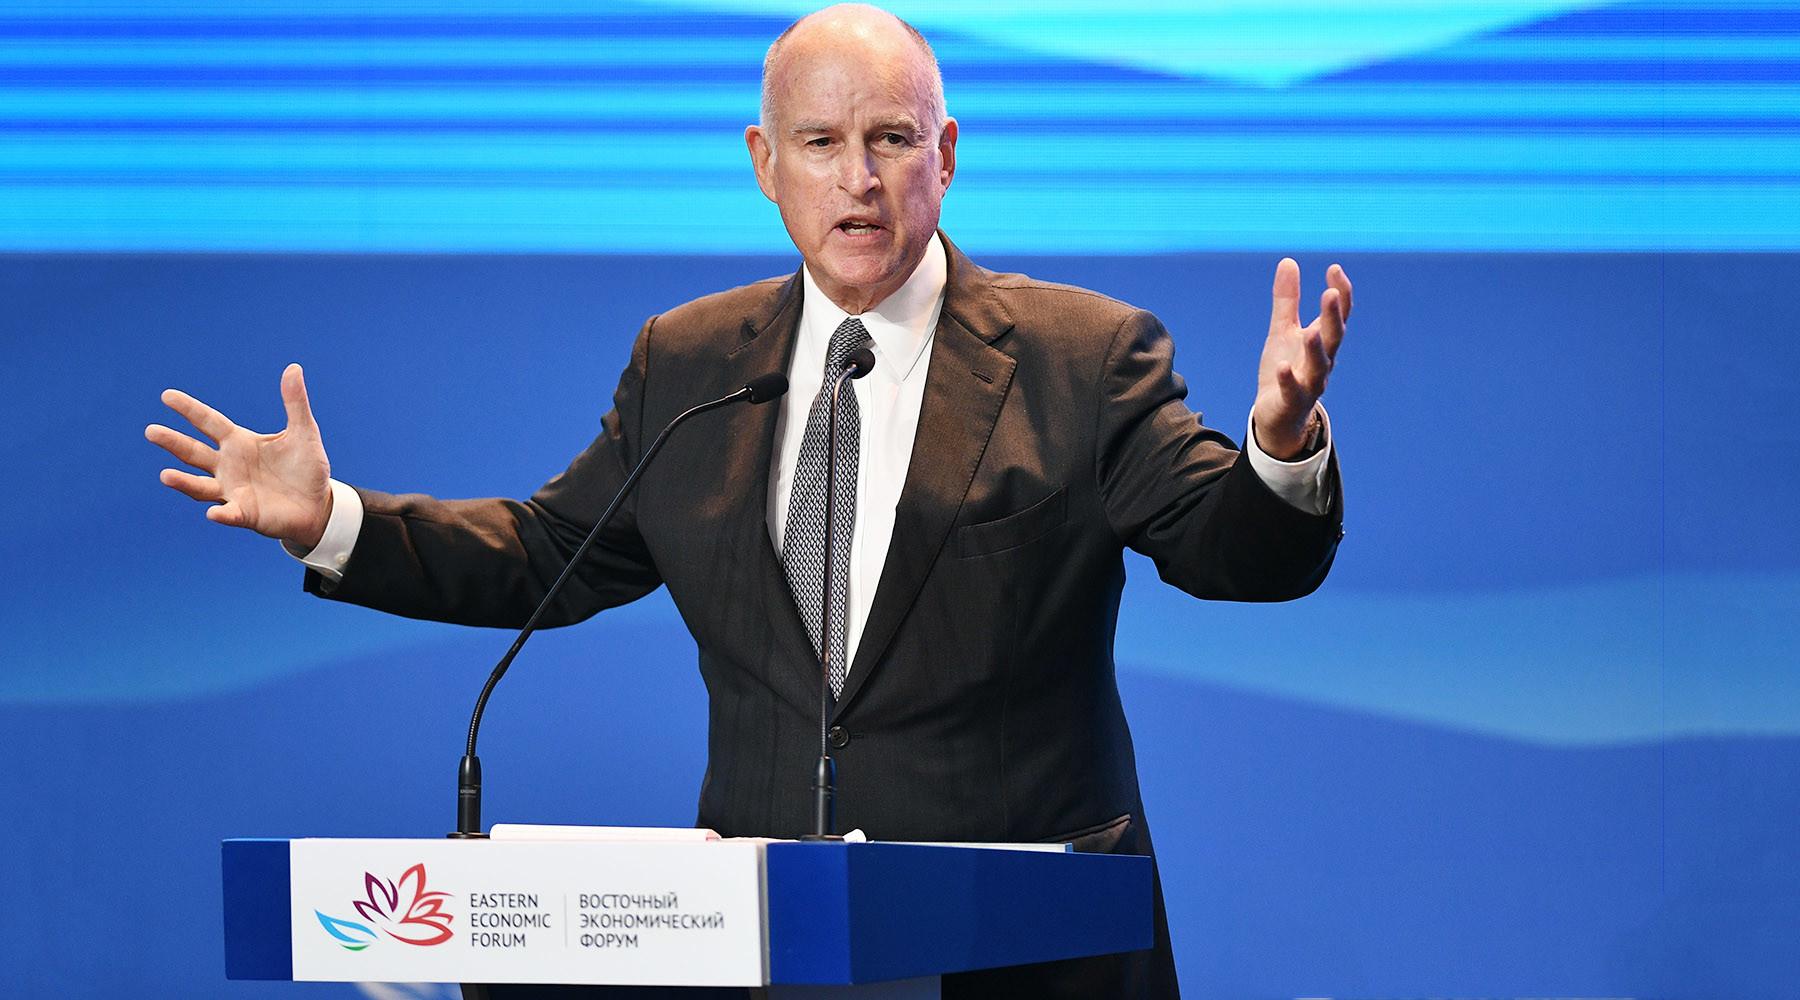 Губернатор Калифорнии об отношениях между Россией и США